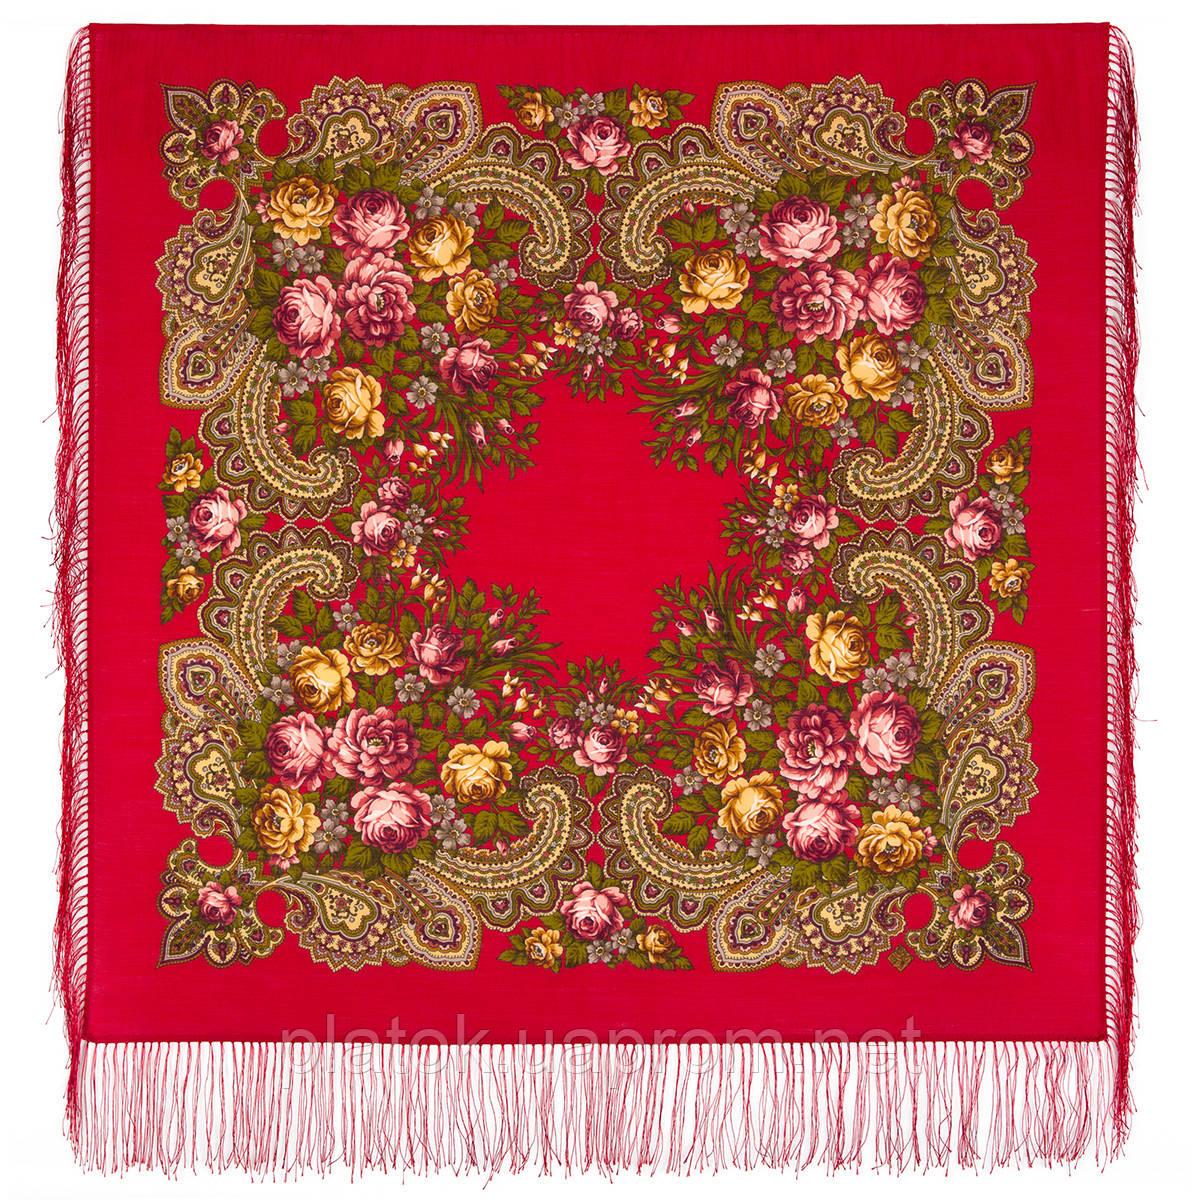 Незнакомка 779-3, павлопосадский платок шерстяной  с шелковой бахромой